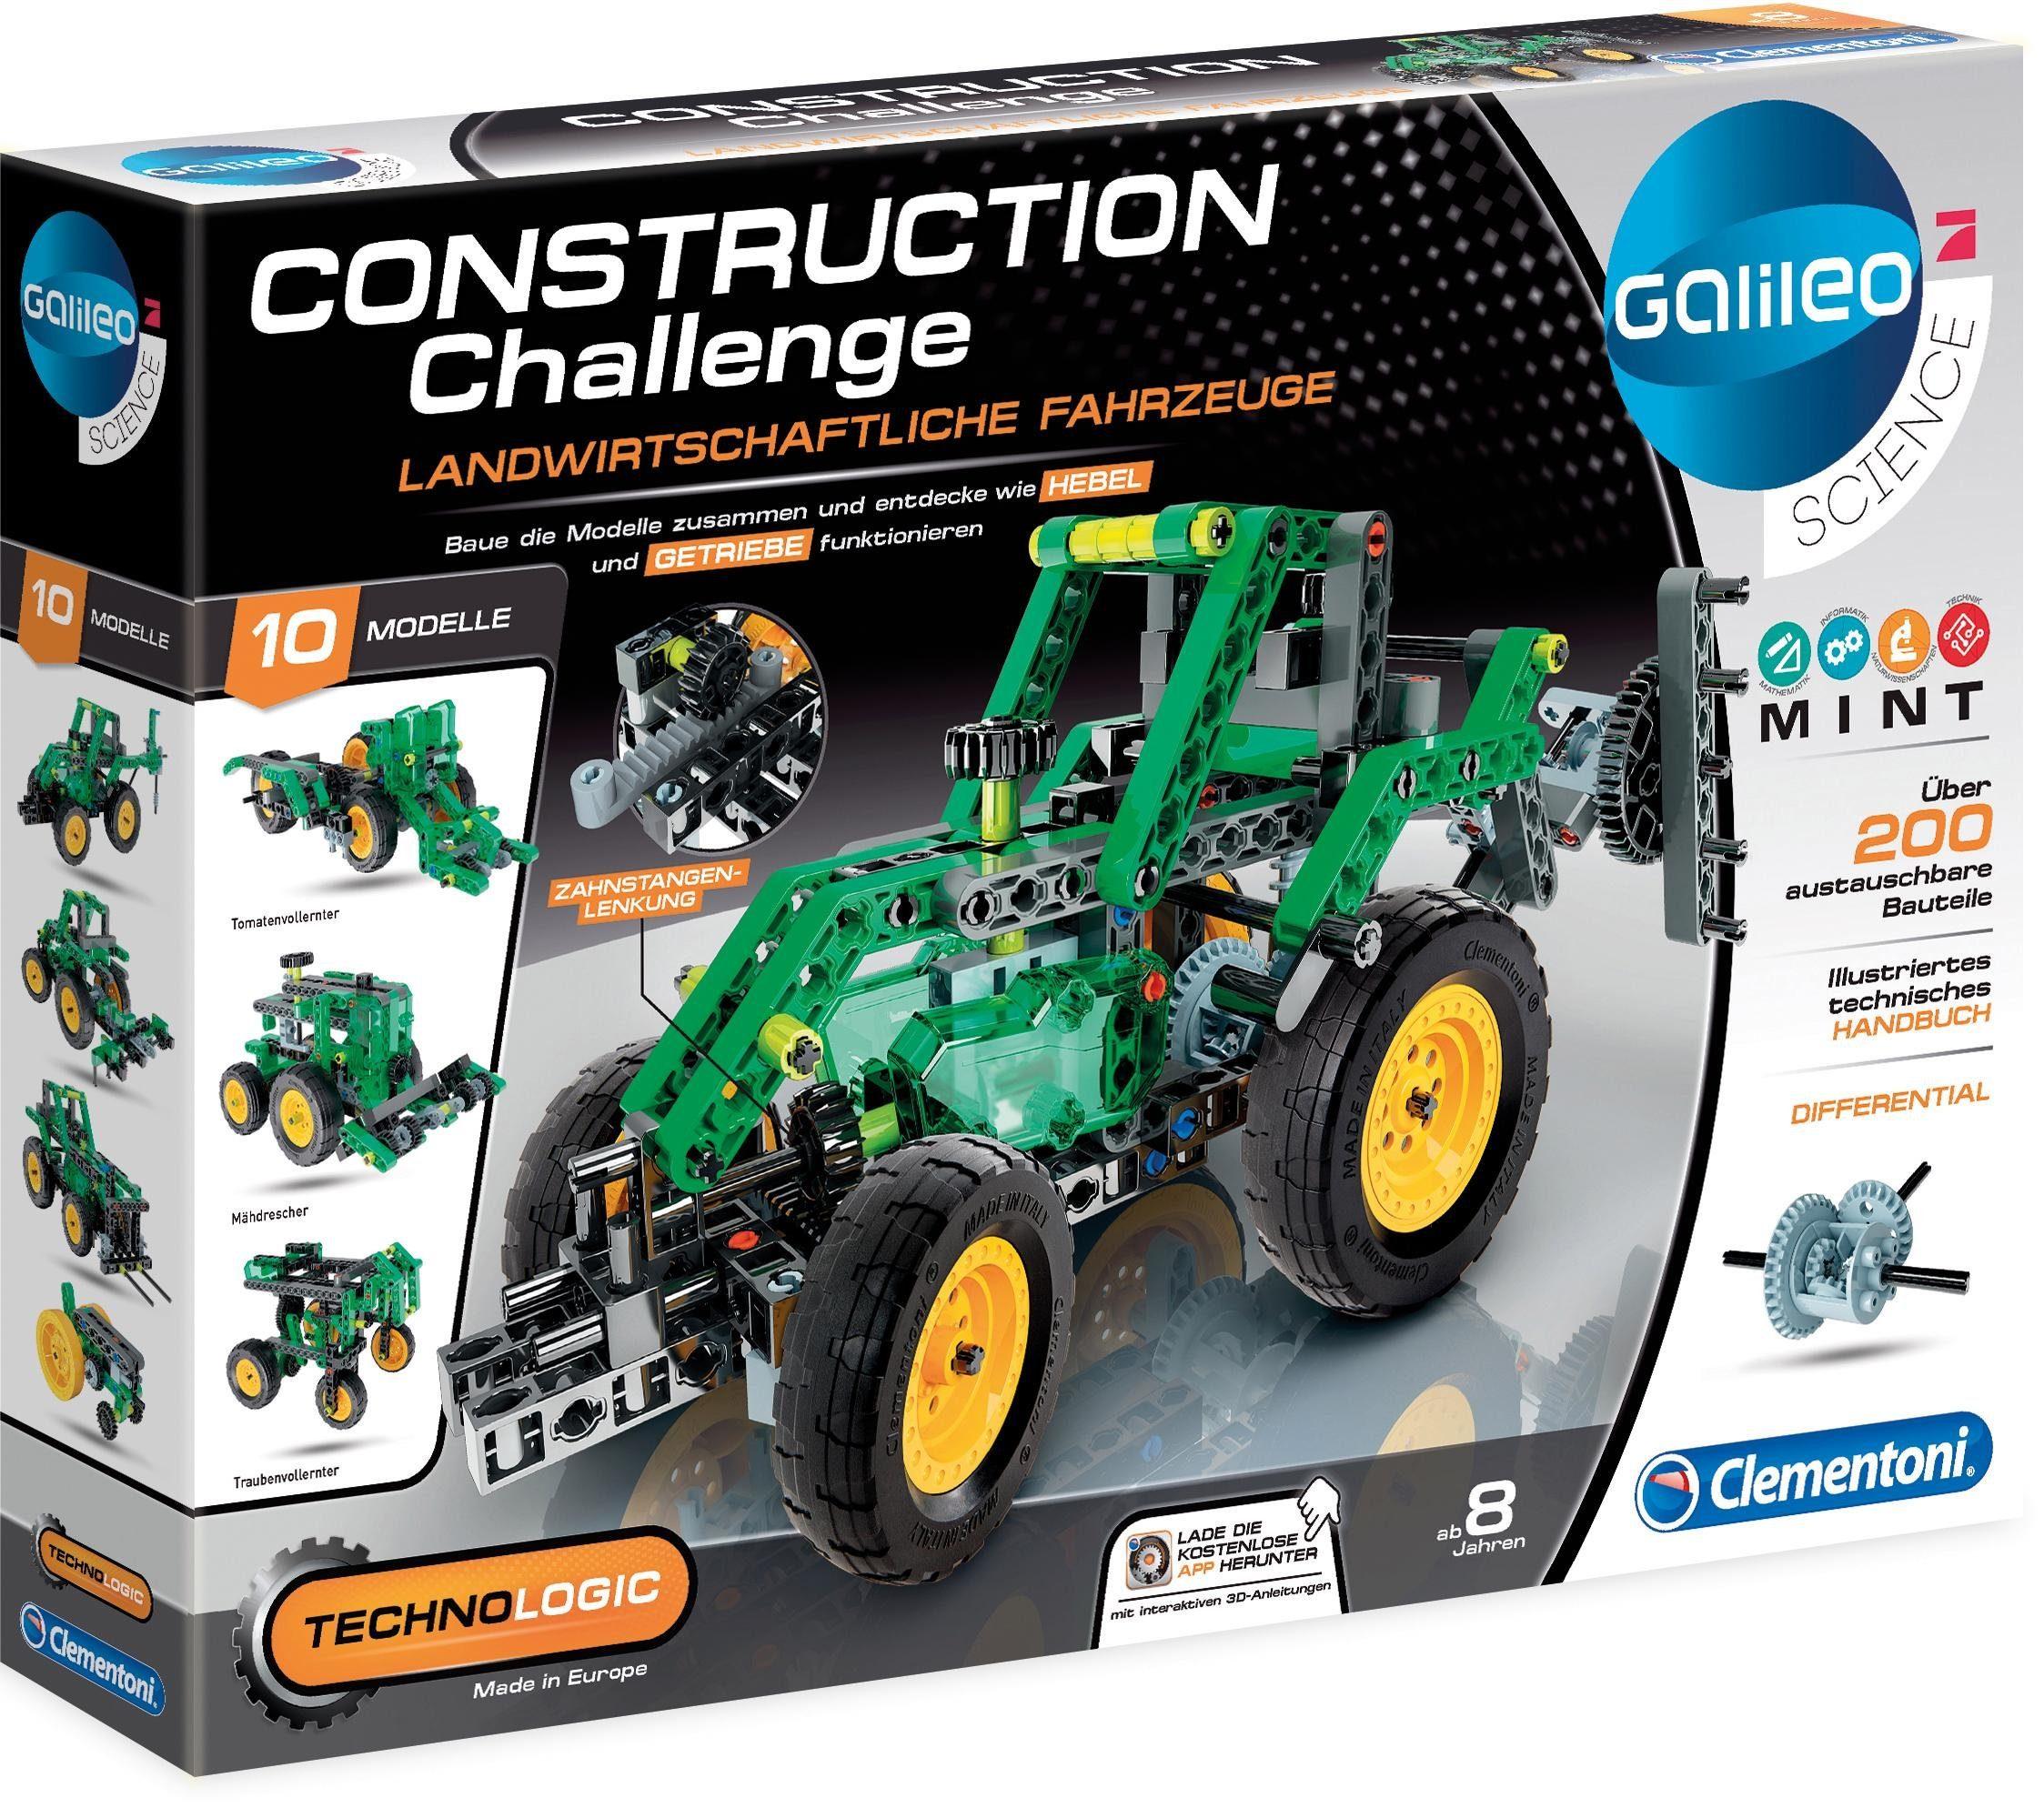 Clementoni Experimentierkasten, »Galileo Technologic Construction Challenge, Landwirtsch. Fahrzeuge«